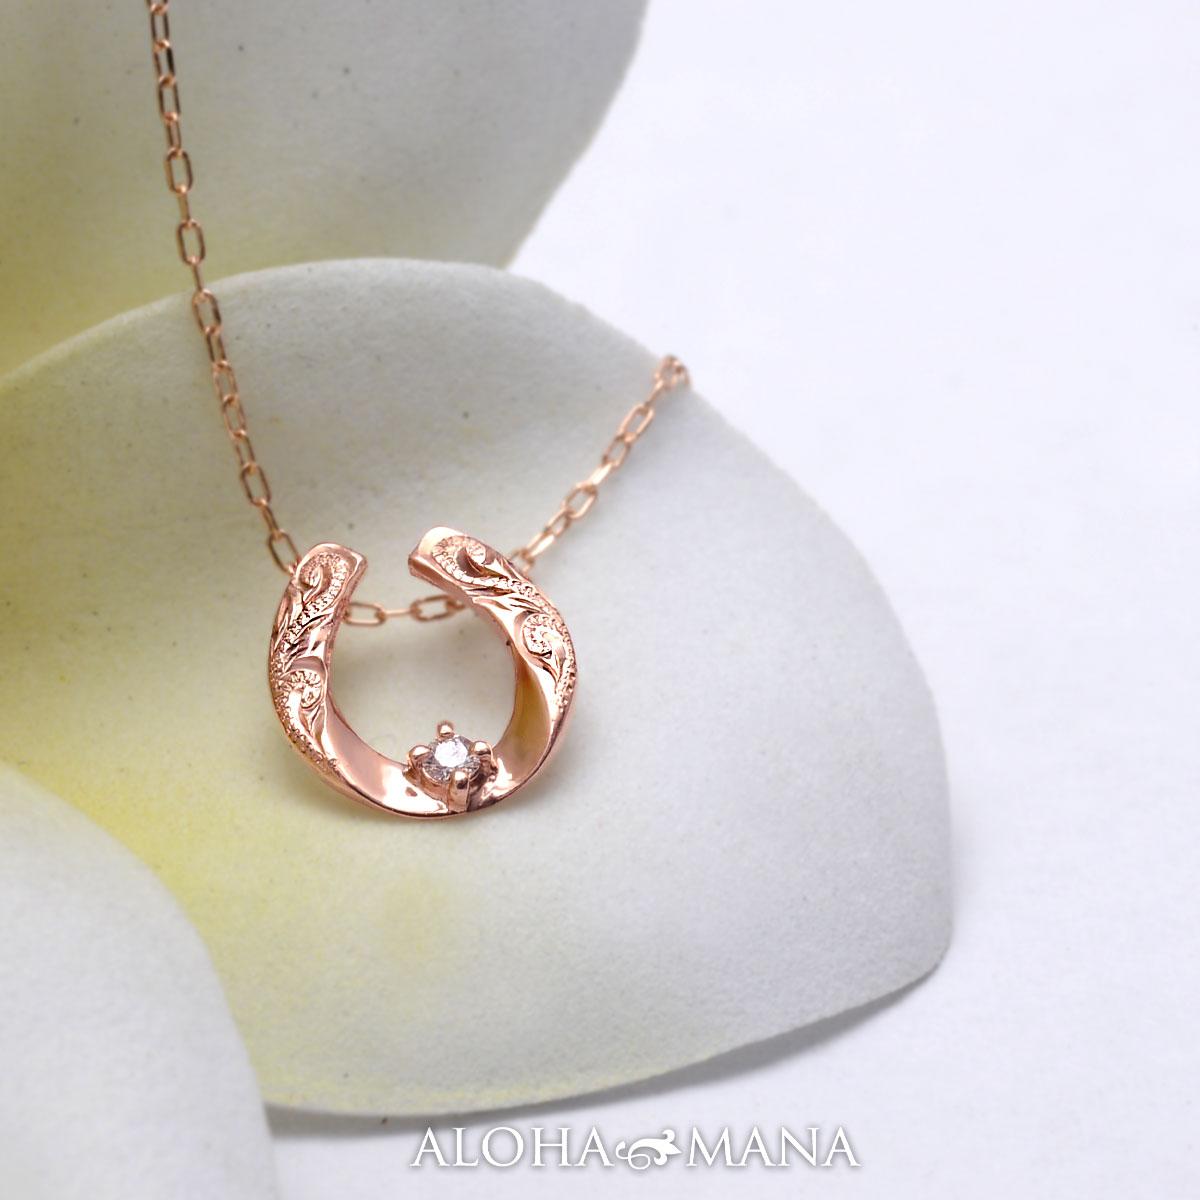 ハワイアンジュエリー ネックレス 18金 K18 イエローゴールド・ ホースシューダイヤモンド ネックレス apdg2869a